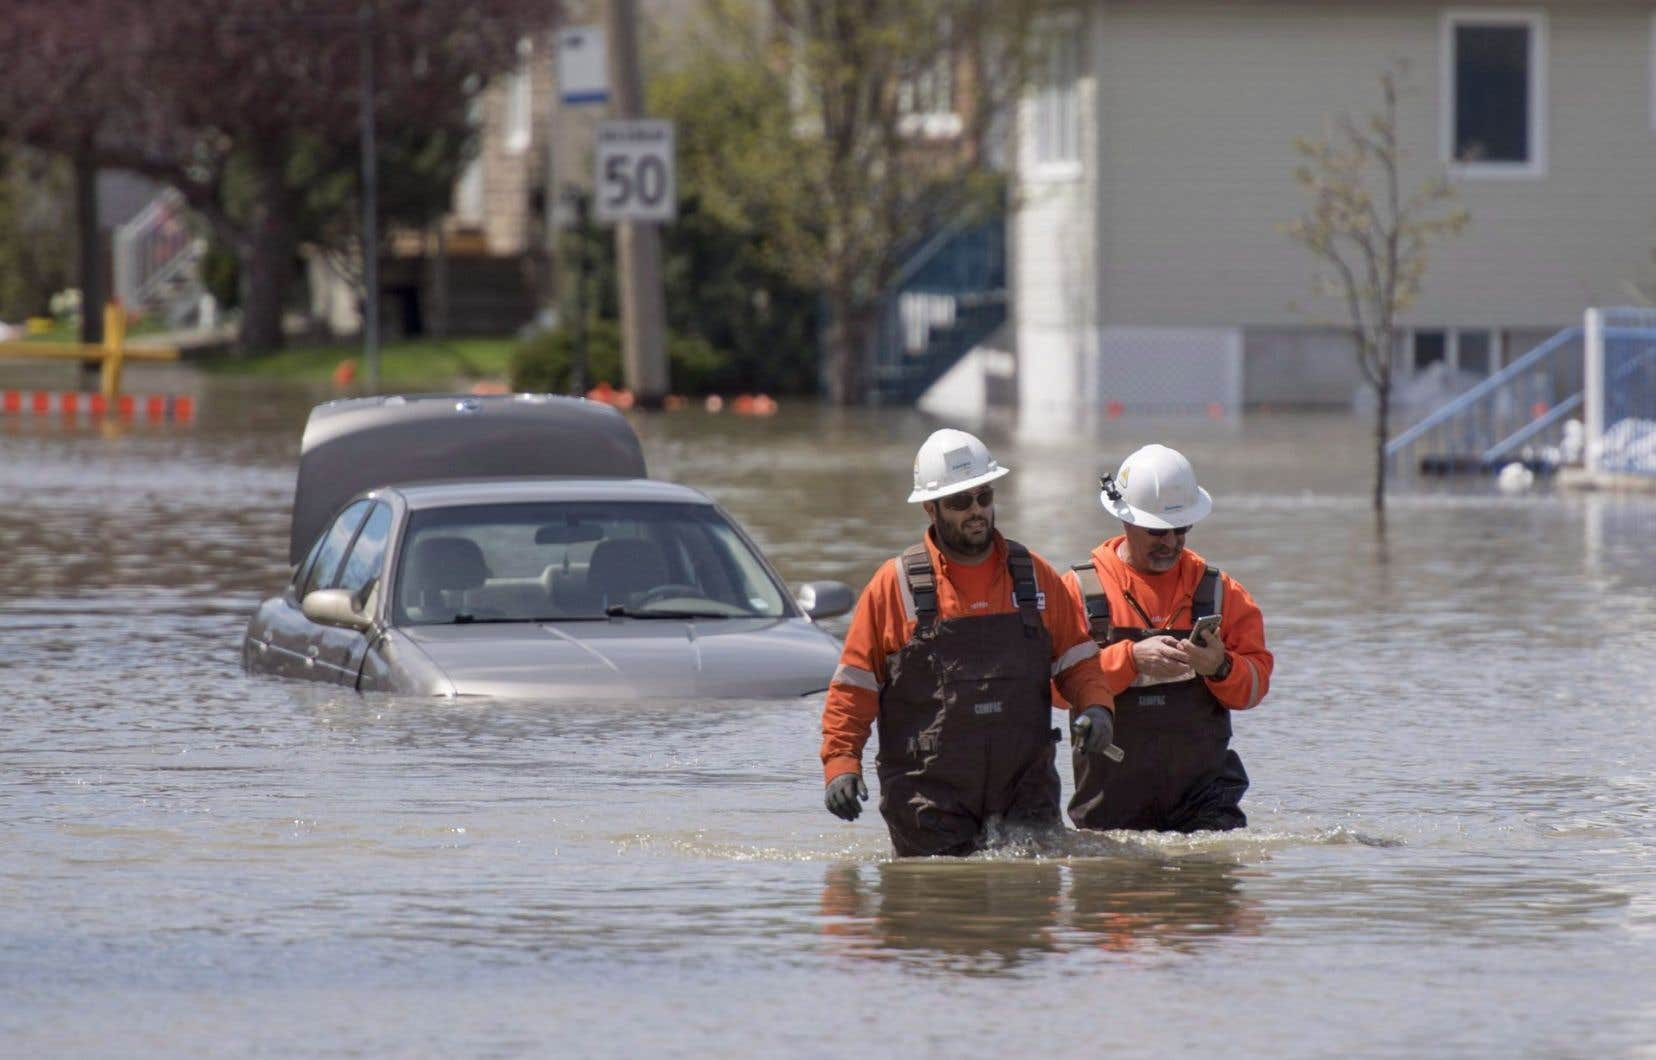 Certains secteurs inondés recevront jusqu'à 60 mm de pluie au cours du week-end, aggravant ainsi la situation déjà précaire.